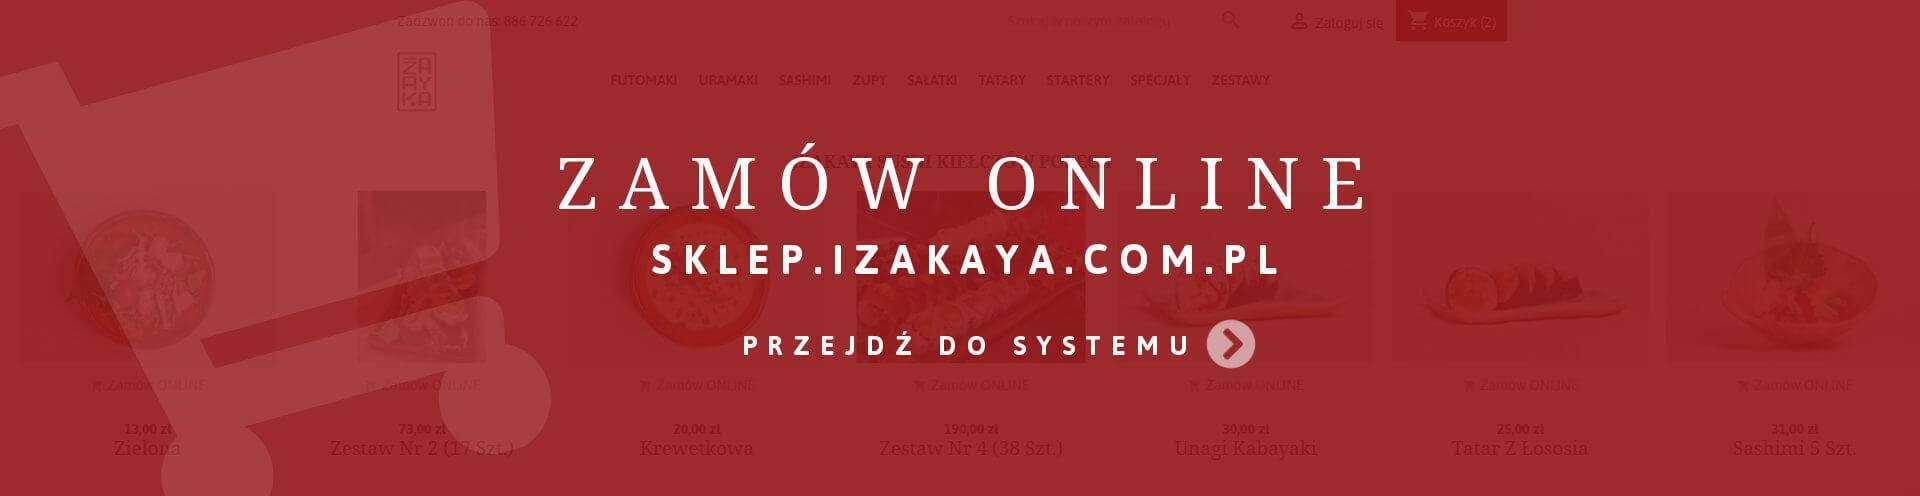 Zamówienia online - Sklep Izakaya Sushi